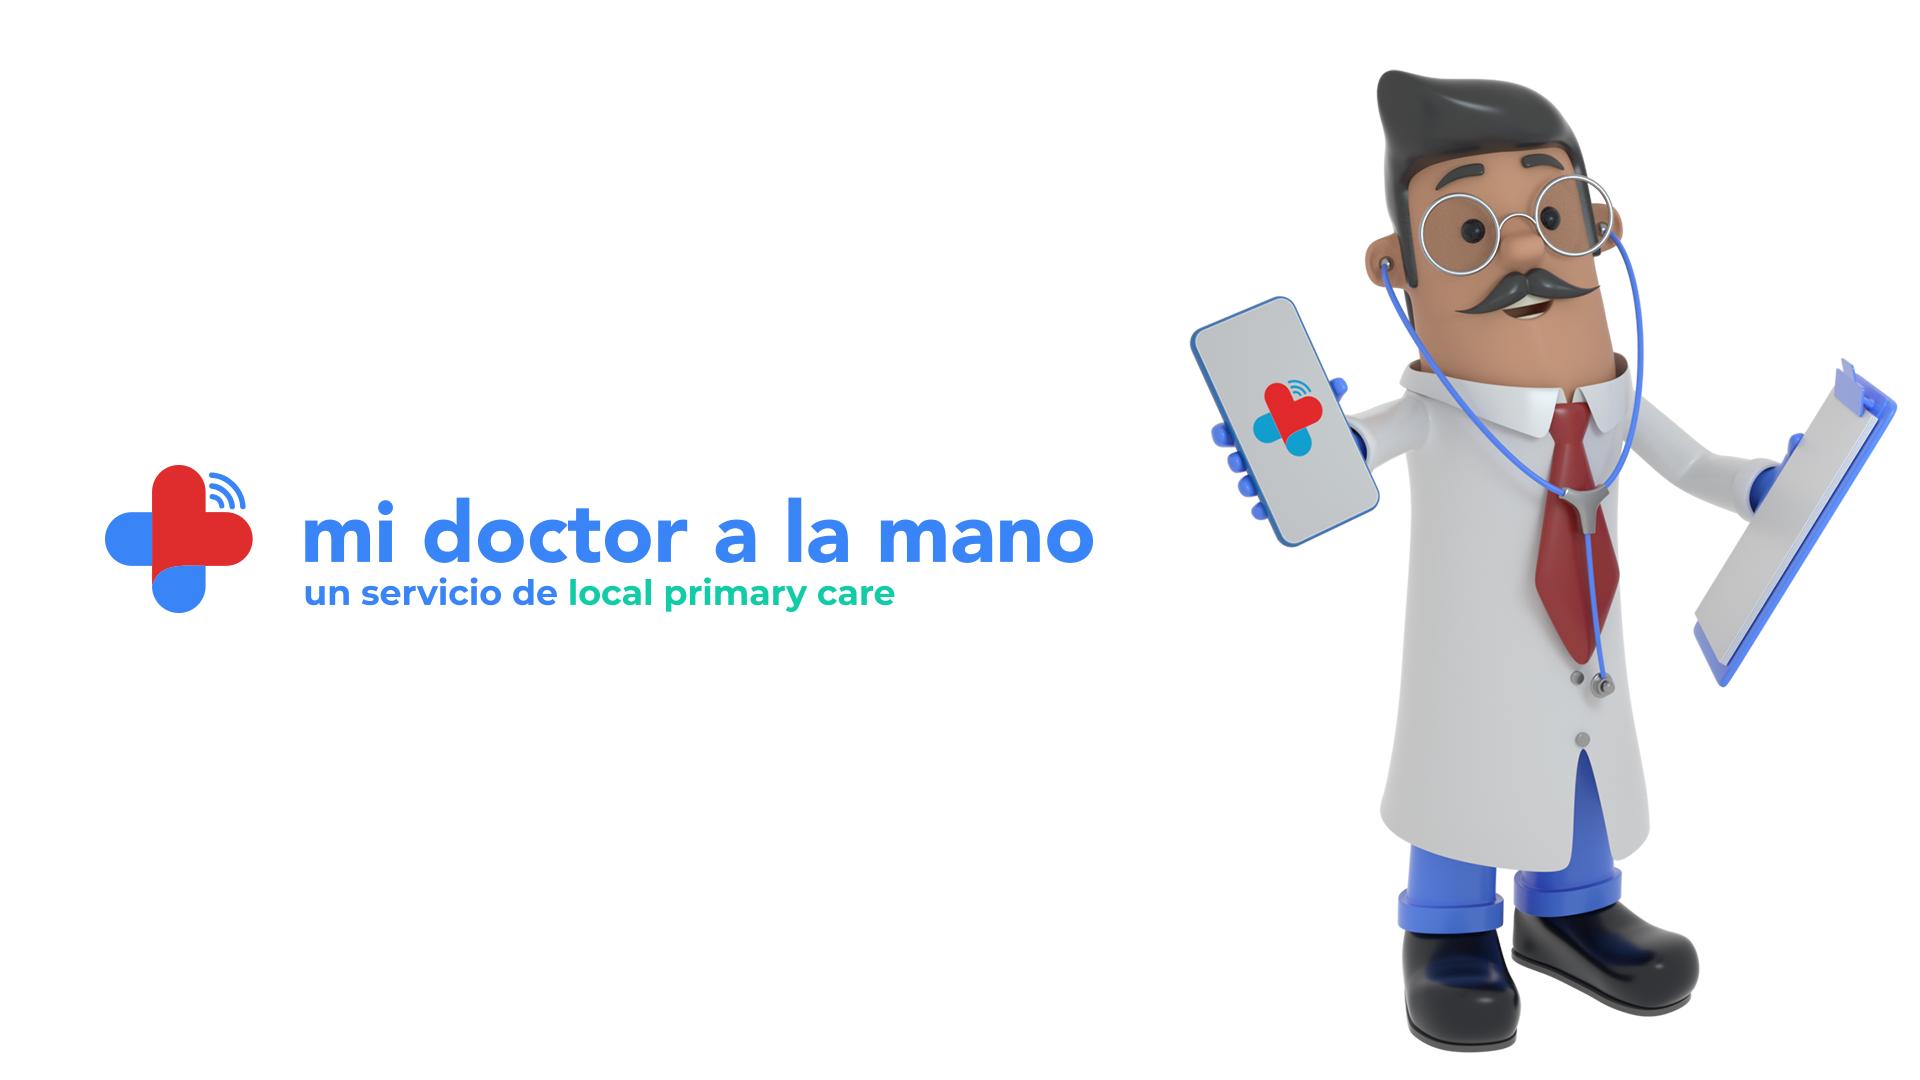 Una Nueva Alternativa al Seguro Medico - Mi Doctor a La Mano Se Lanza En 2020